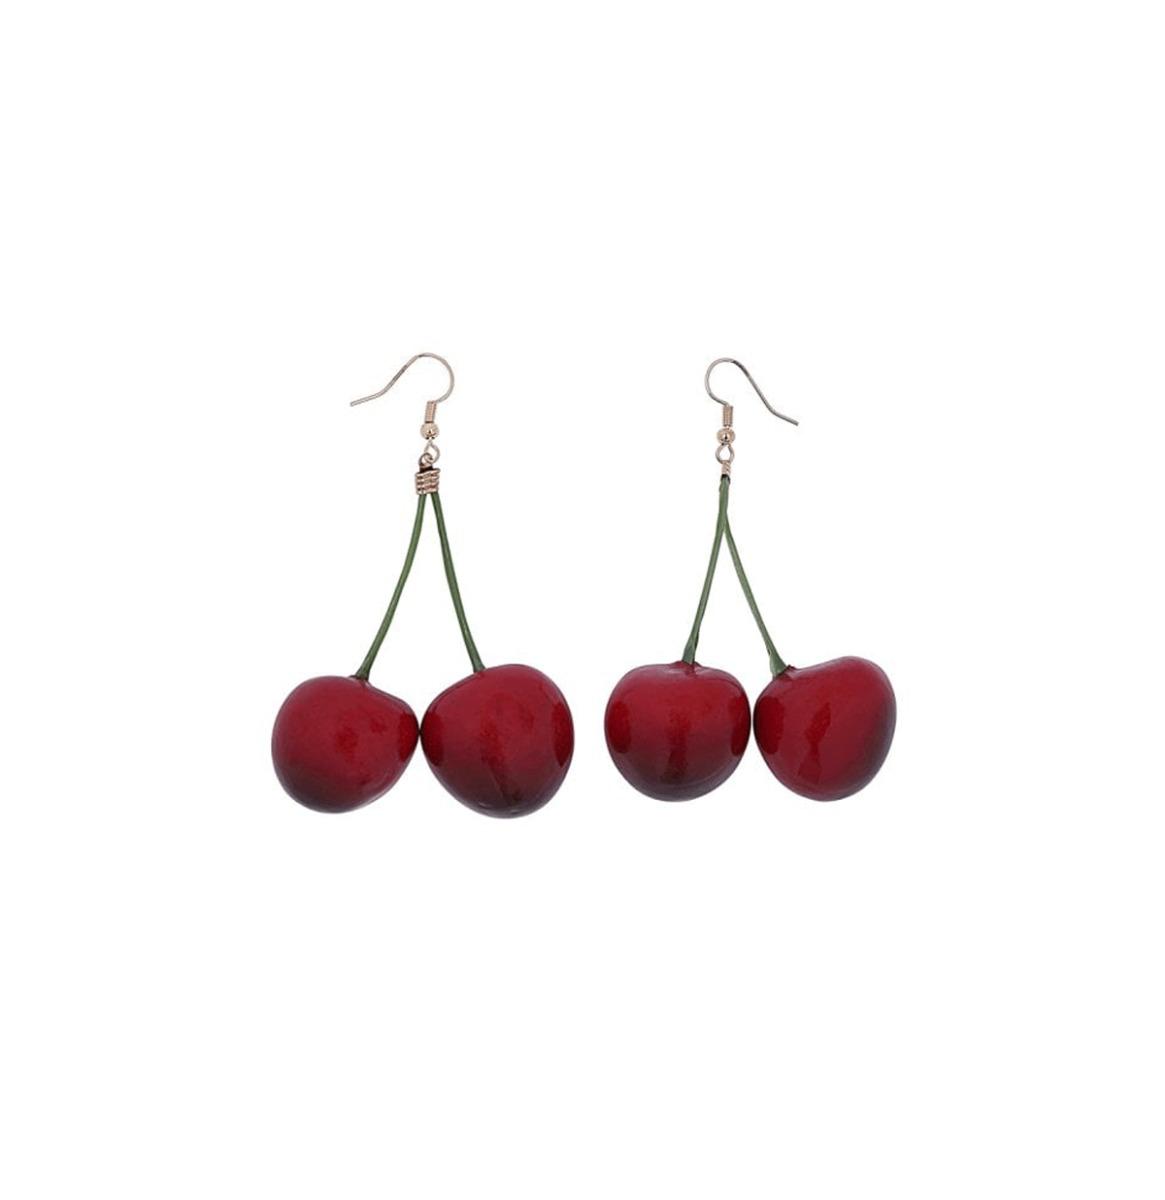 Delicious Cherries Oorbellen